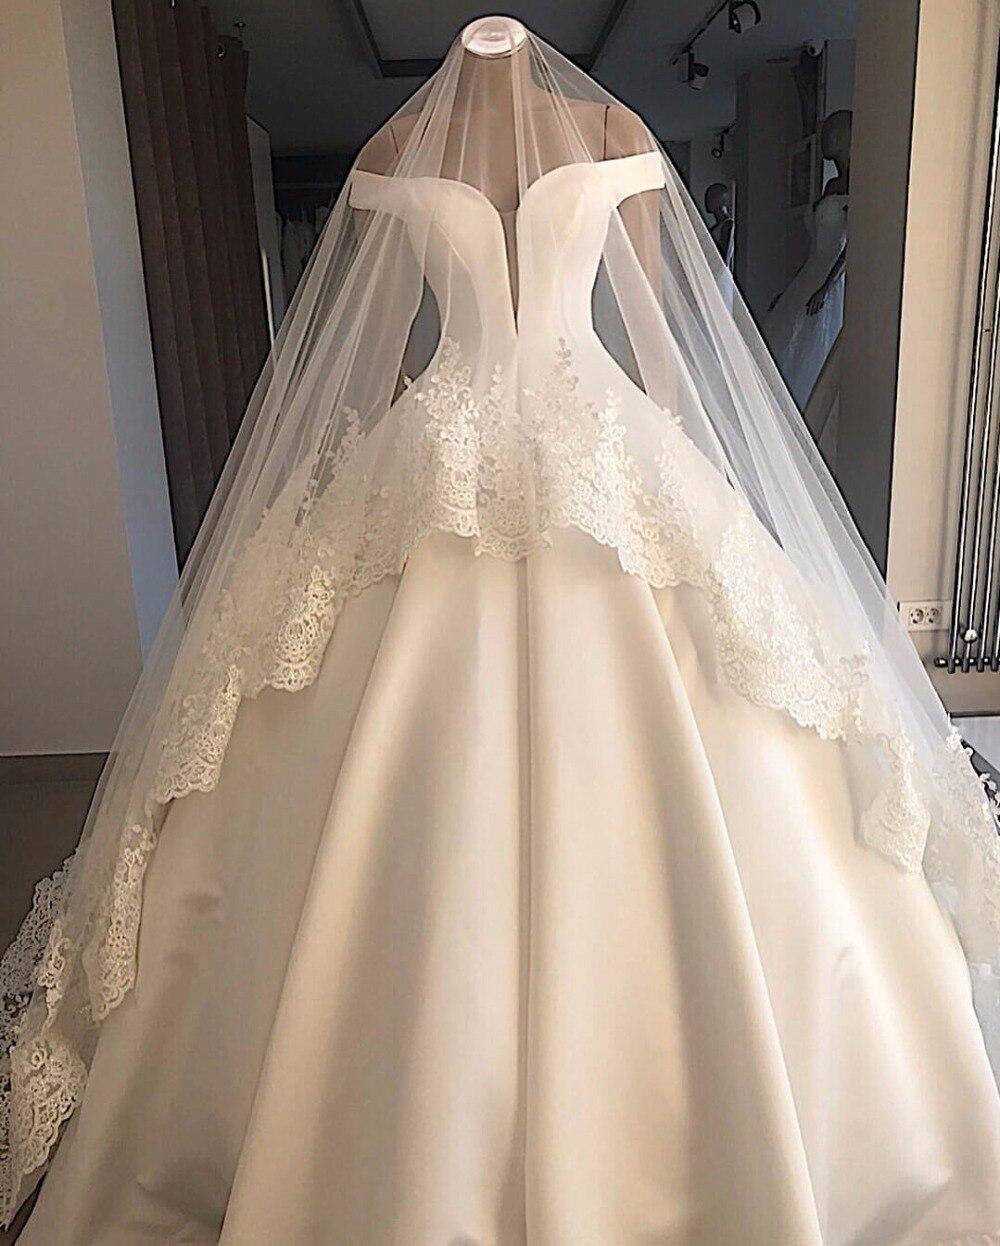 حالمة-فستان زفاف ساتان أبيض ، أكتاف عارية ، بسيط ، ثوب الكرة ، مثير ، رسن ، مقاس كبير ، مع الحجاب